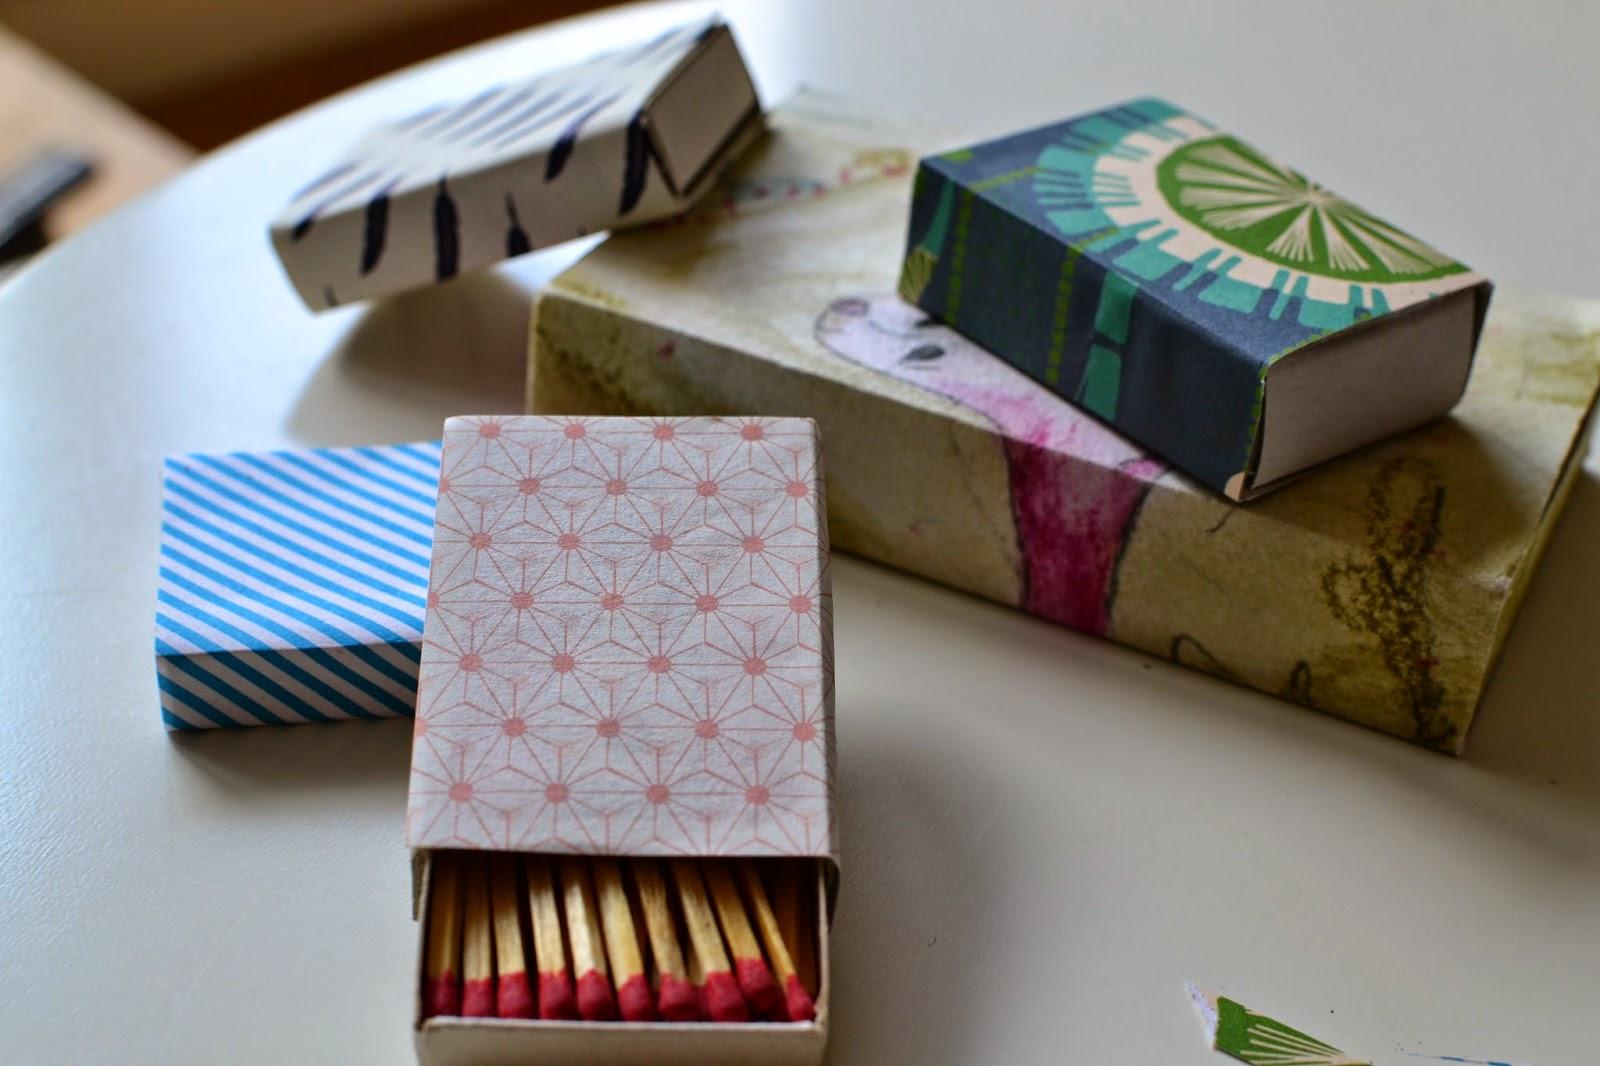 jurinde macht was kleine diy geschenke streichholzschachteln bekleben. Black Bedroom Furniture Sets. Home Design Ideas